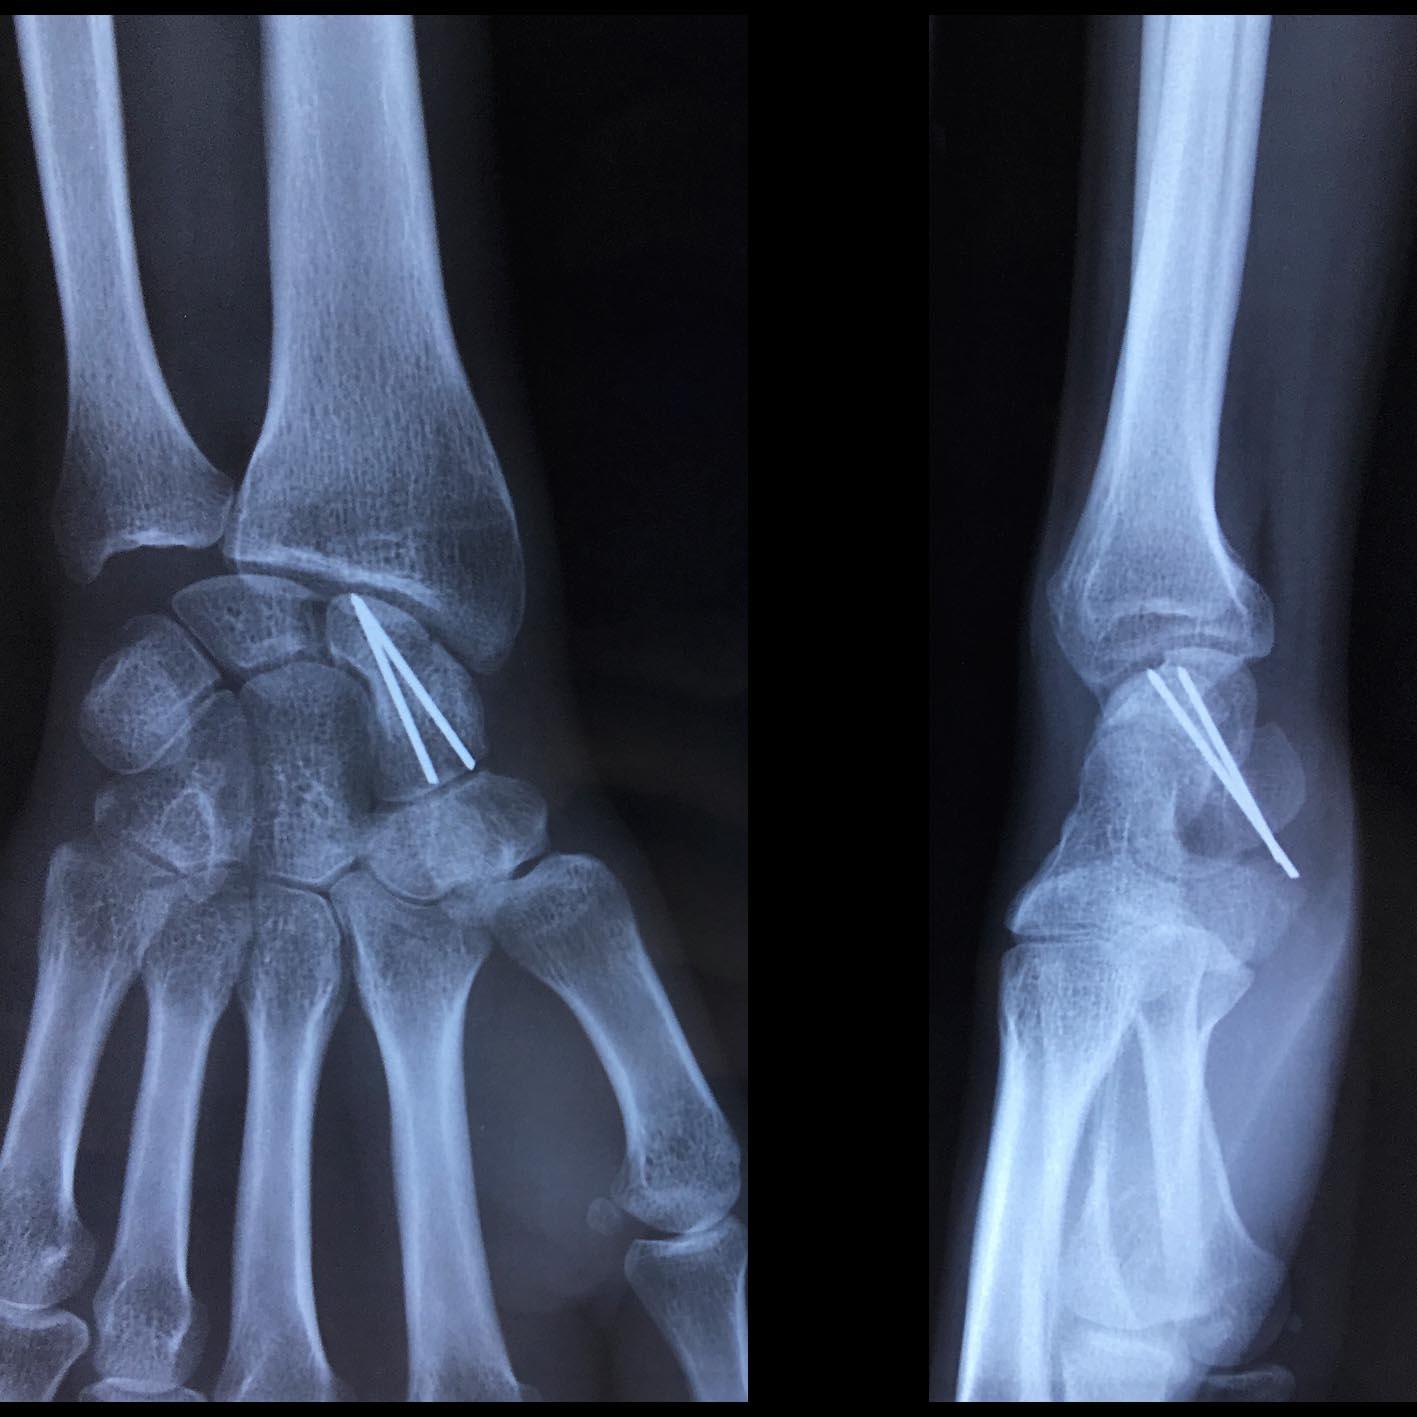 Greffe osseuse du scaphoïde pour pseudarthrose, ostéosynthèse par deux broches qui seront gardées 3-6 mois.